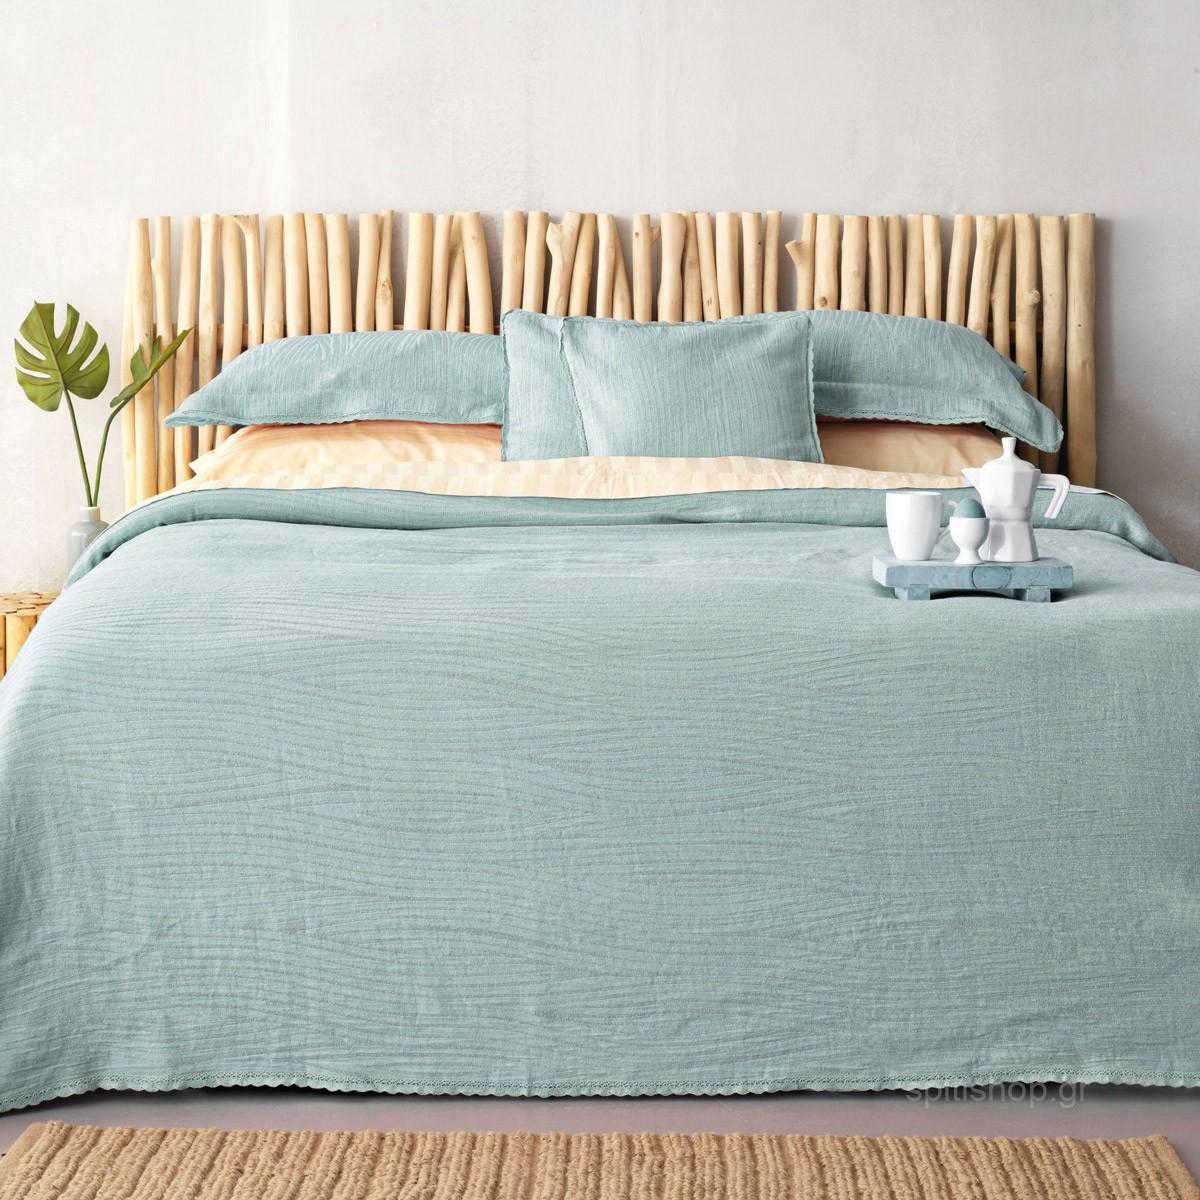 Κουβερτόριο Υπέρδιπλο Palamaiki Daily 1099 Blue home   κρεβατοκάμαρα   κουβέρτες   κουβέρτες καλοκαιρινές υπέρδιπλες